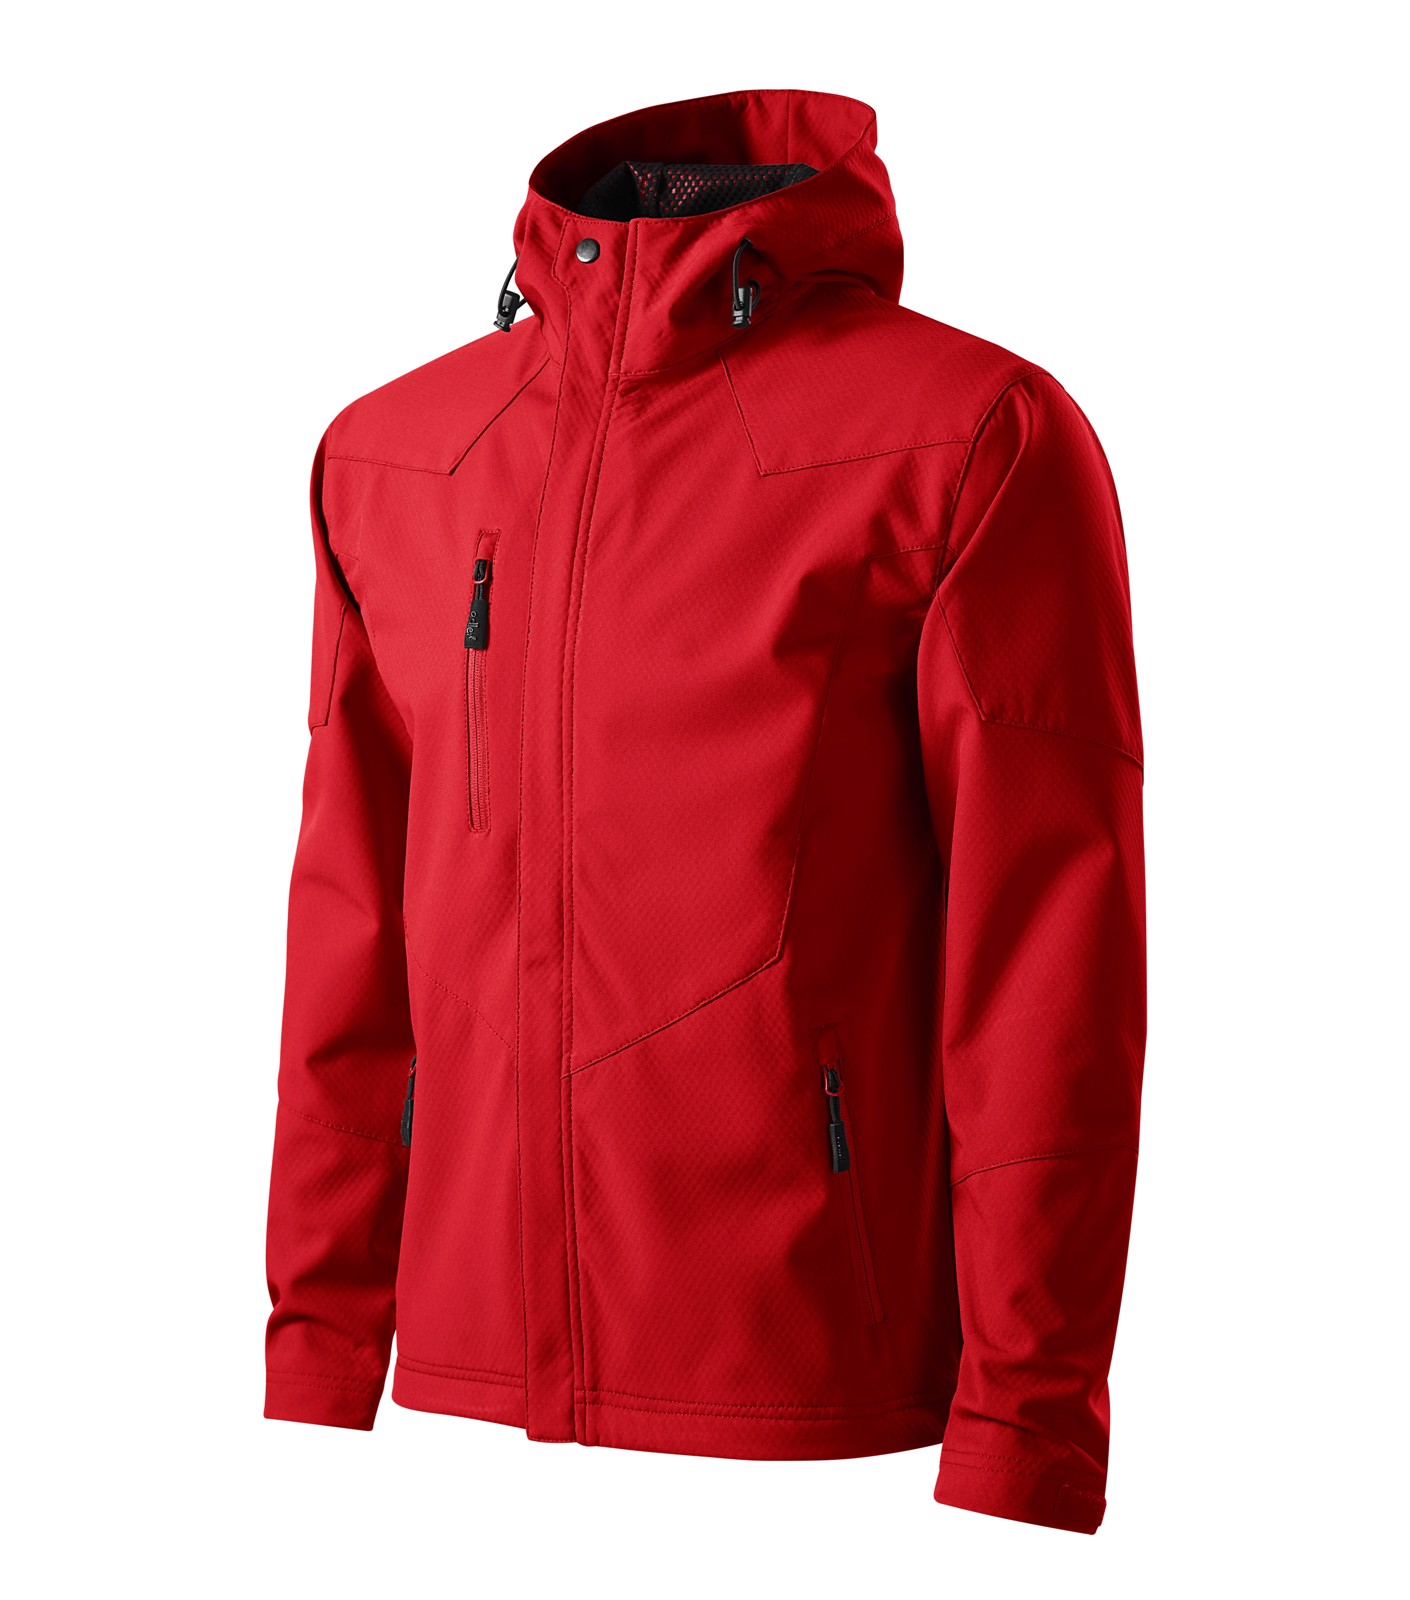 Softshellová bunda pánská Malfini Nano - Červená / 2XL